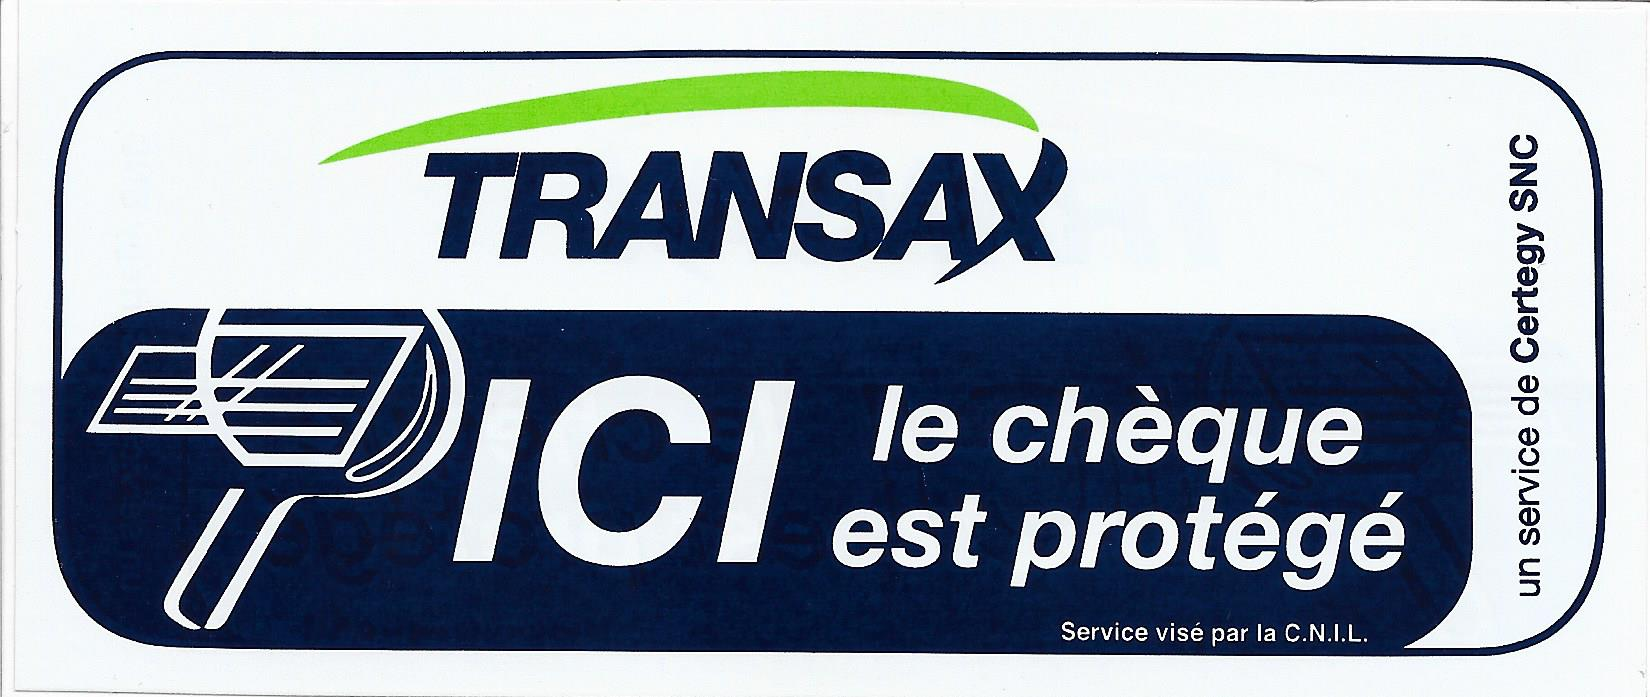 TRANSAX AUTOCOLLANT CHEQUE PROTEGE.jpg